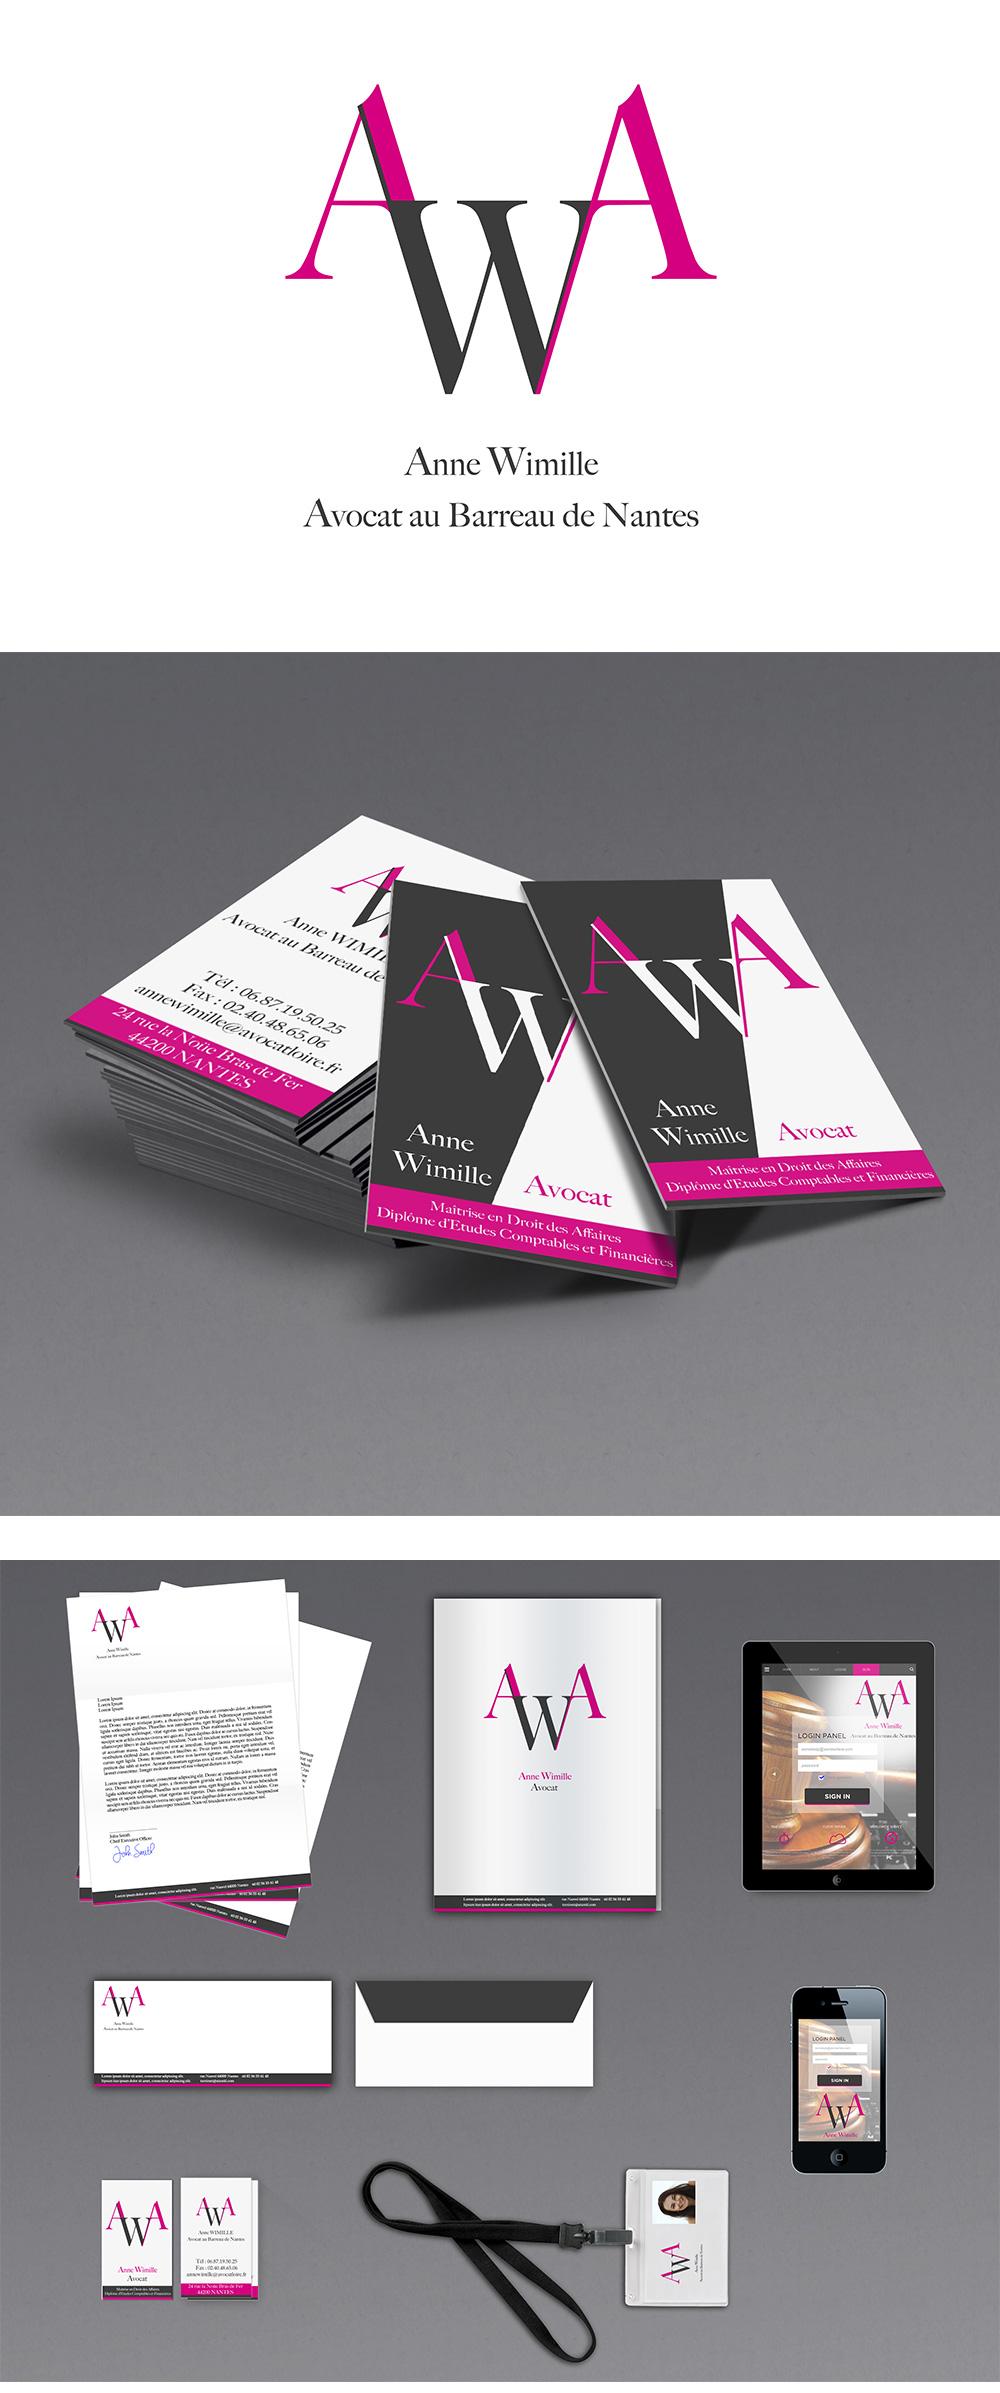 Identité visuelle - Anne Wimille Avocate Nantes - Logo et cartes de visite réalisés par Turkoiz Créations by Valérie Perrodo